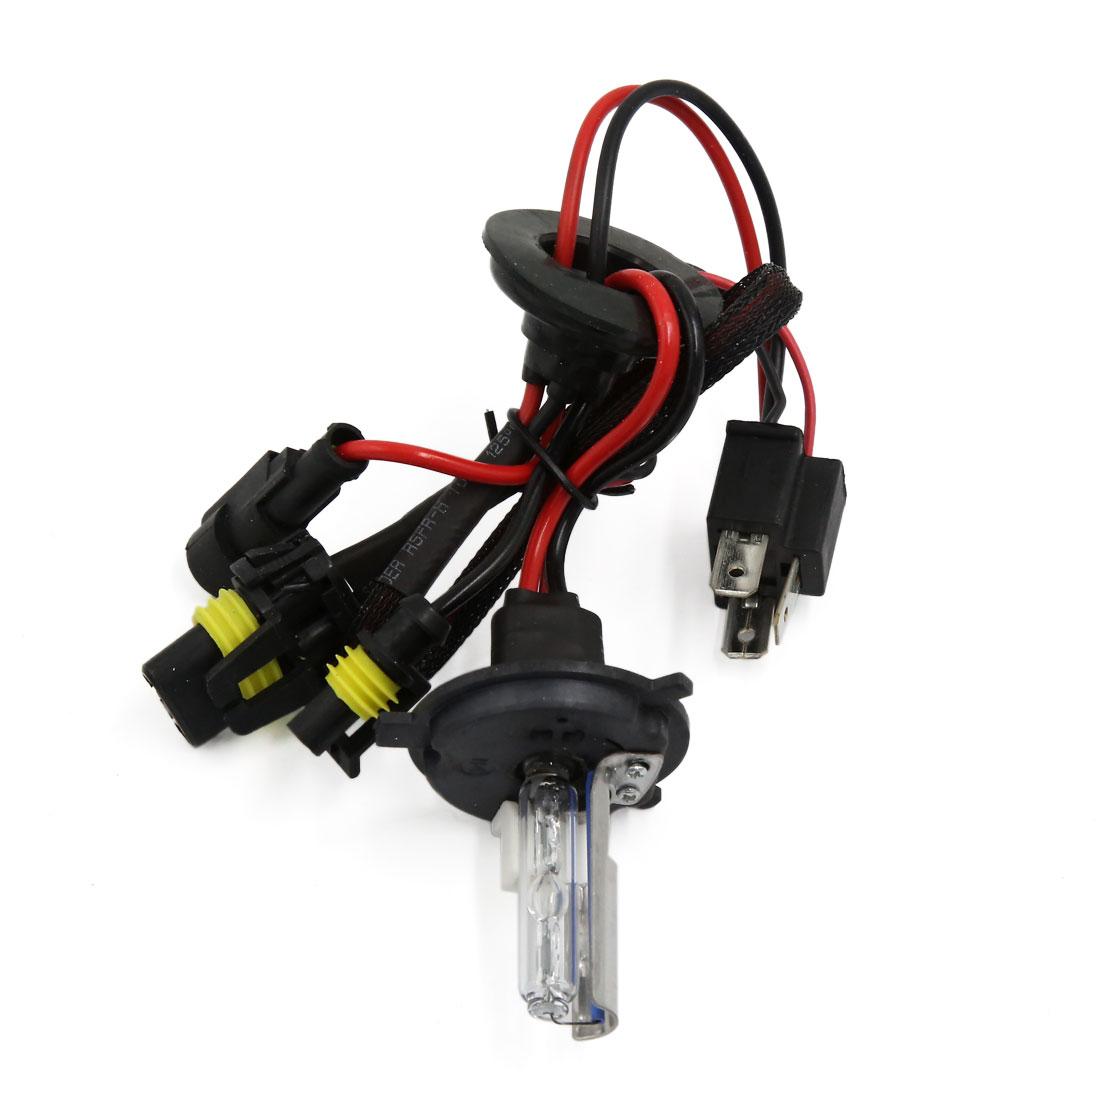 2pcs H4 Auto Car Xenon Light Hi-Lo Dual Beam HID Head Lamp Bulb DC 12V 8000K